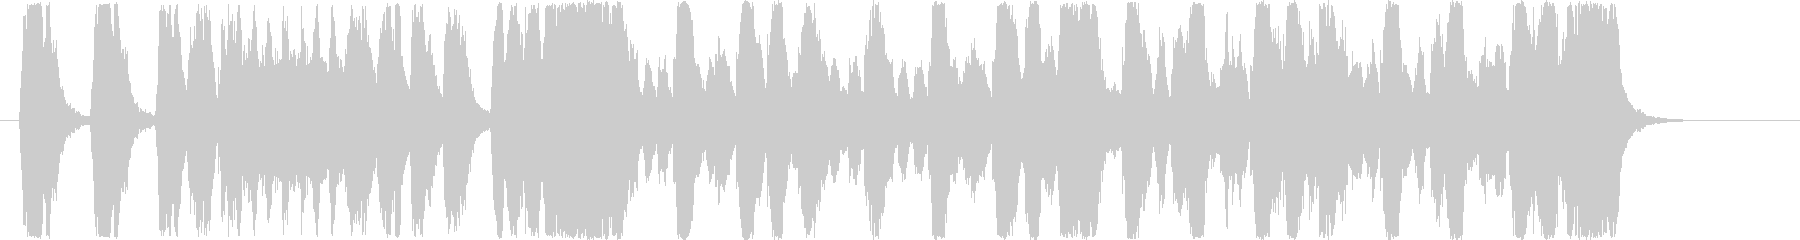 「交響曲第9番 新世界より」ドボルザークの未再生の波形